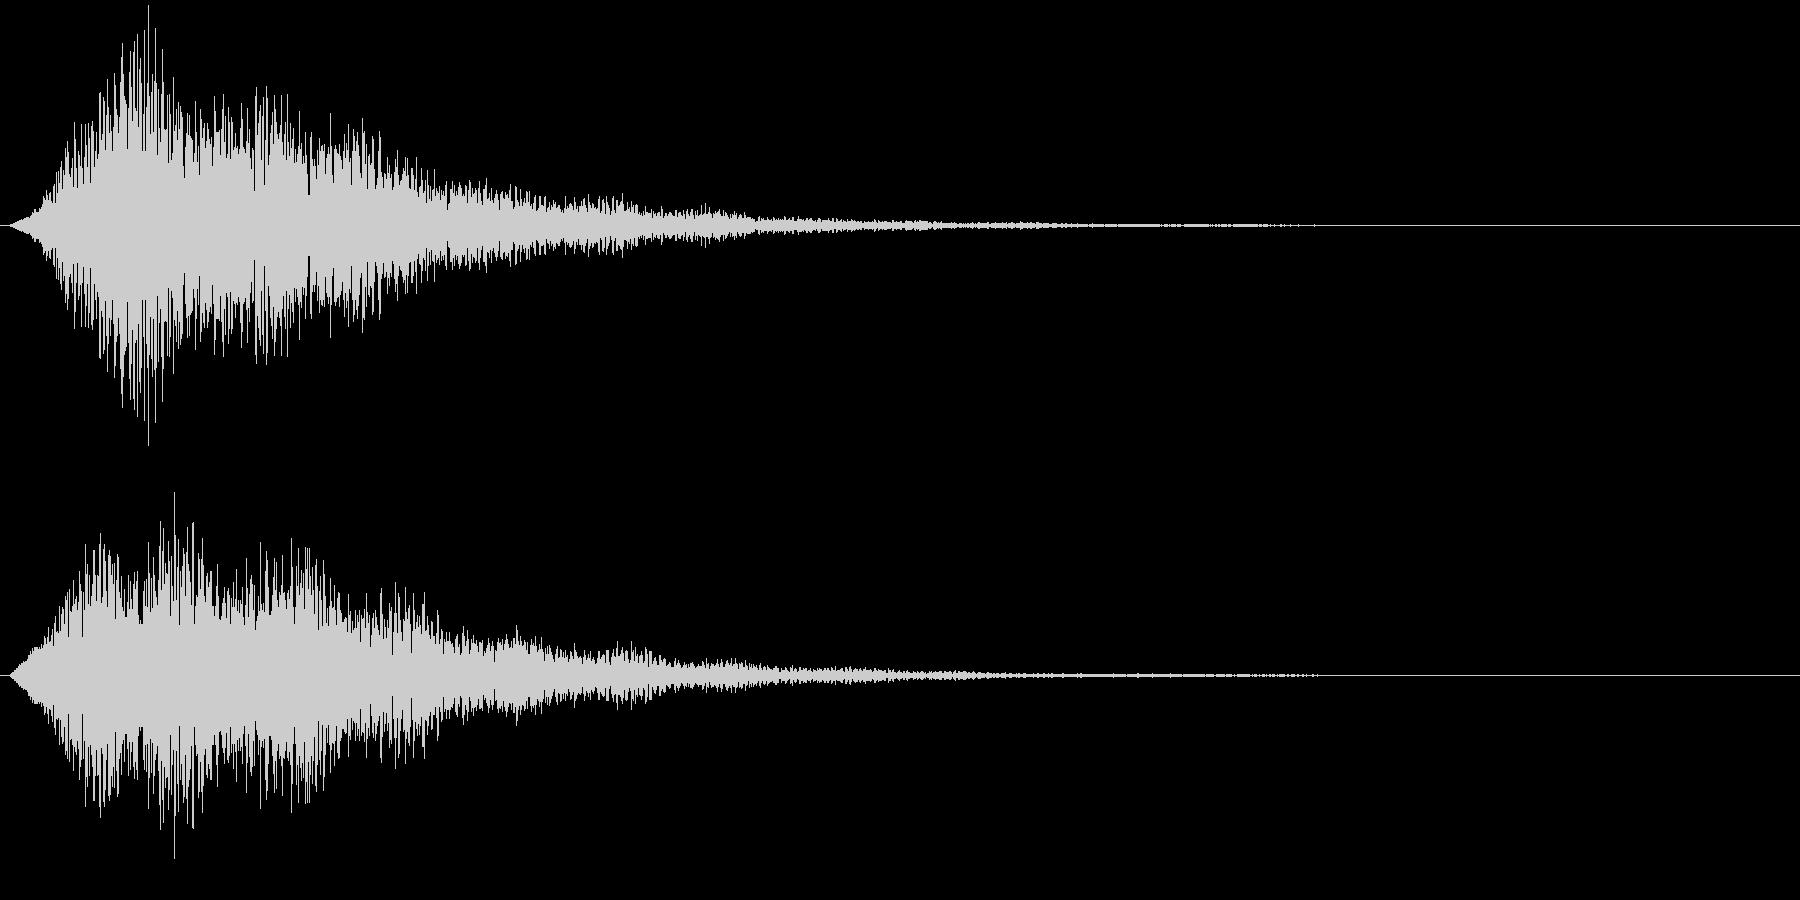 フィーン(サウンドロゴ、決定、ゲーム)の未再生の波形